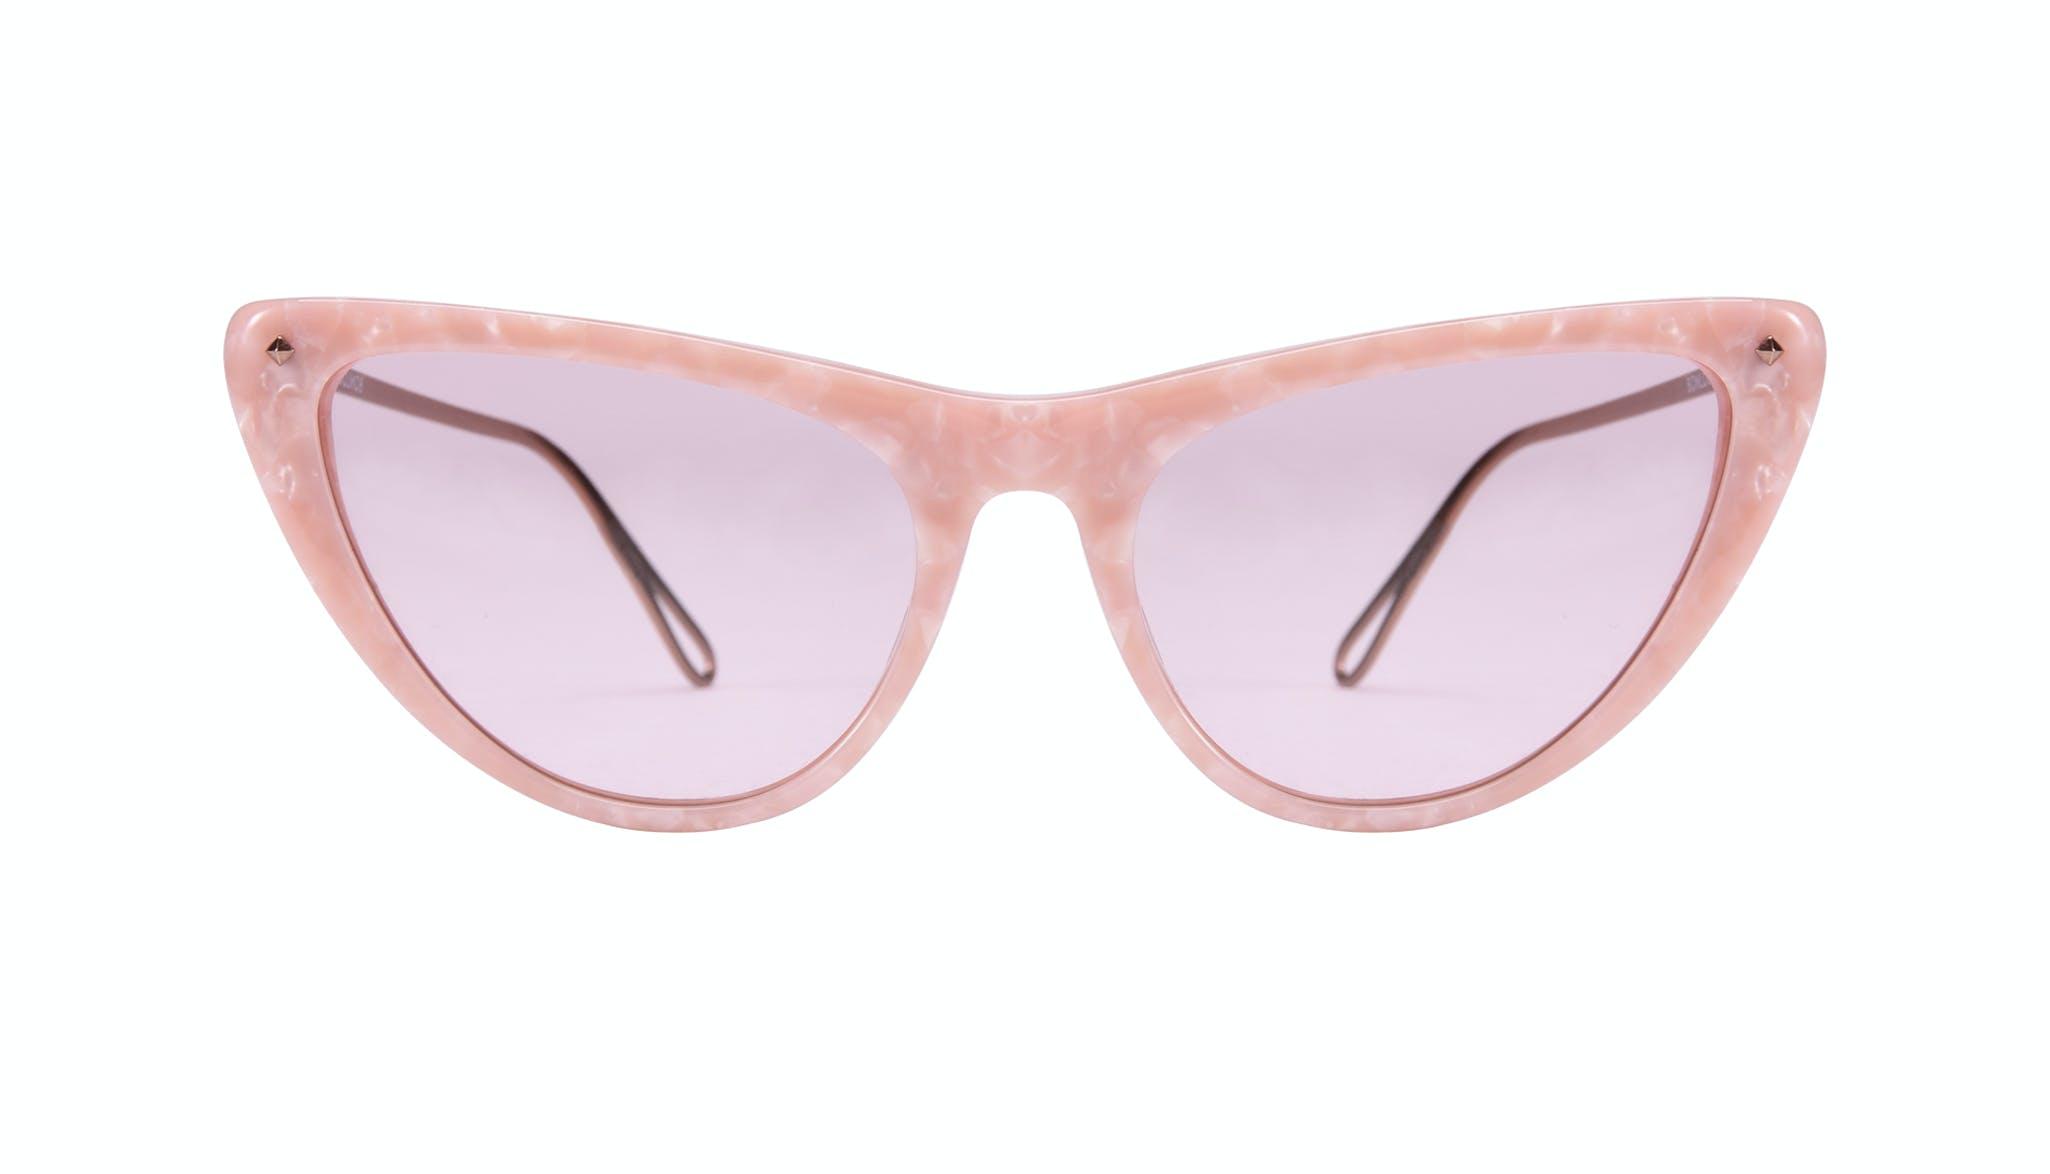 Affordable Fashion Glasses Cat Eye Sunglasses Women Celeste Rose